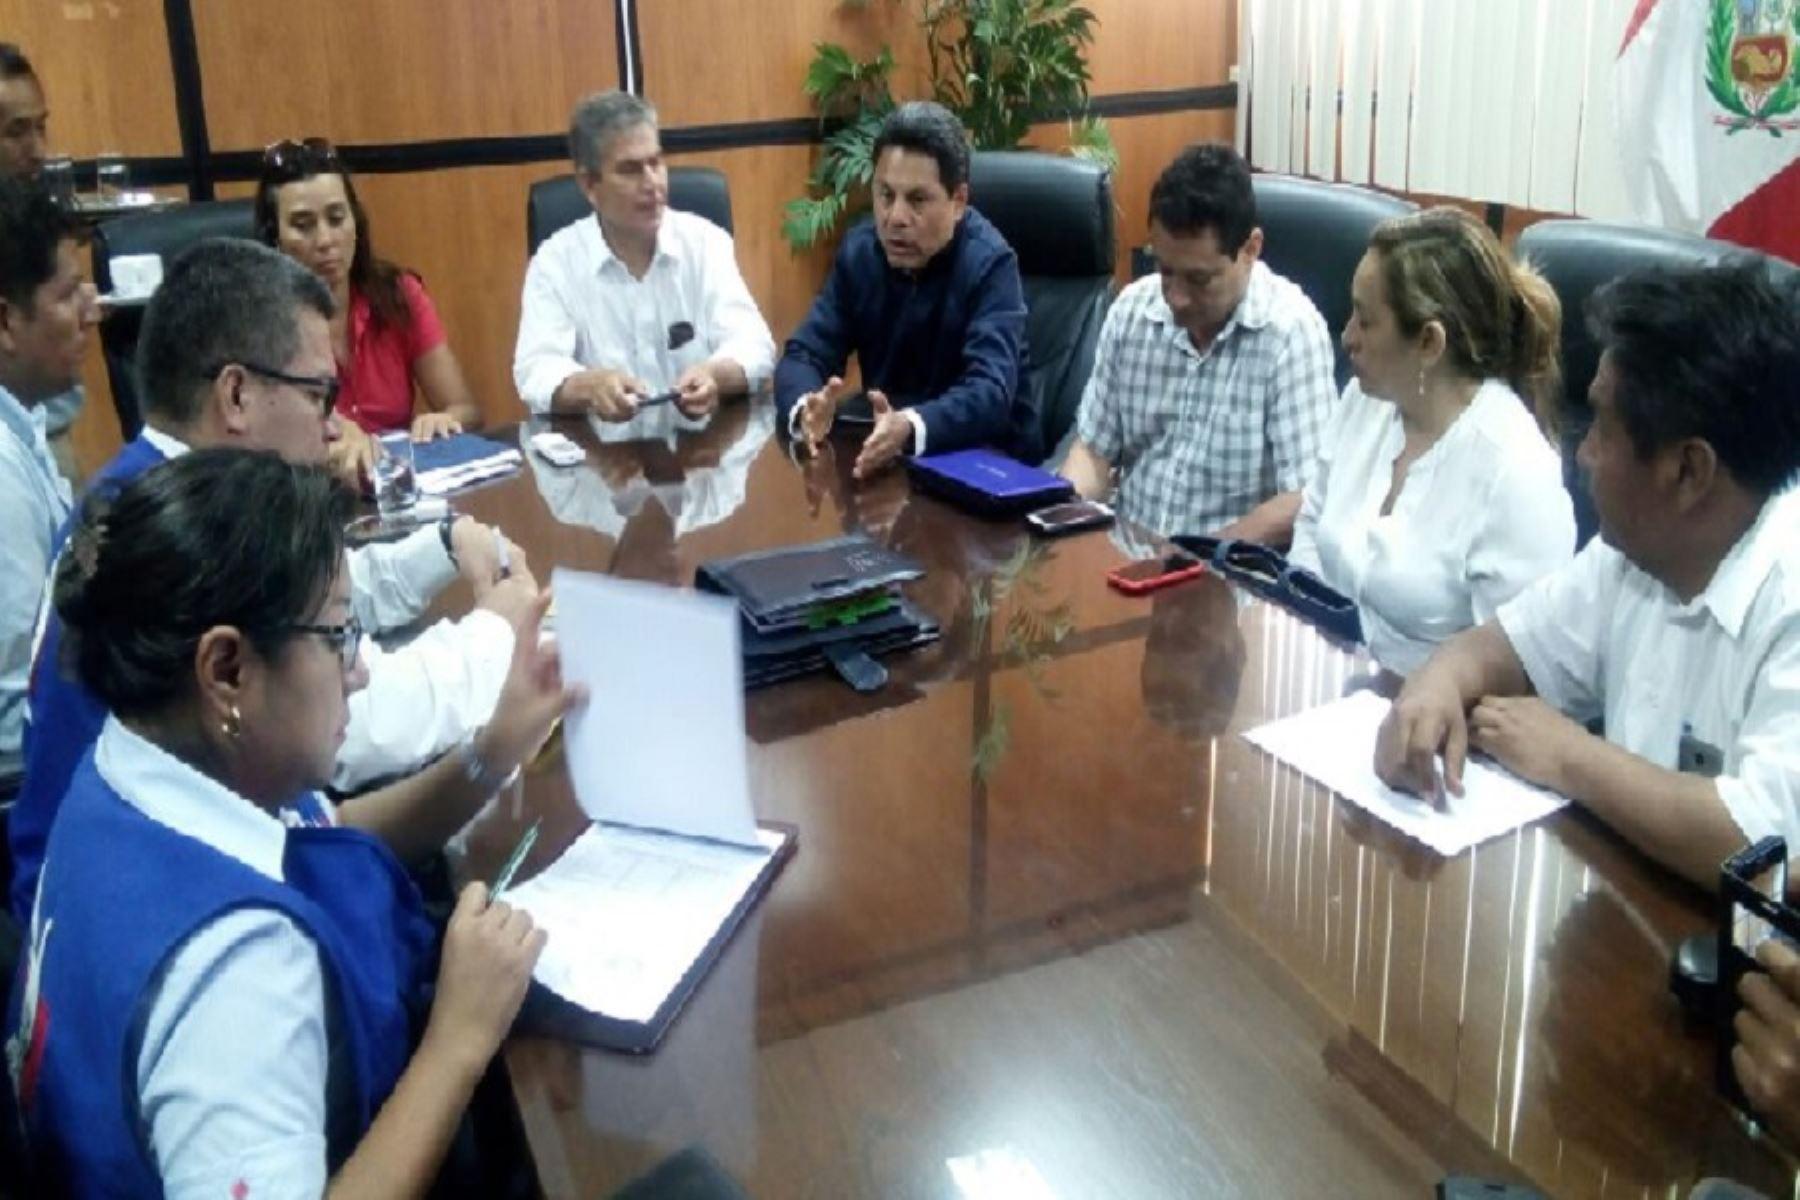 Alumnas del colegio Fátima de Piura reanudarán clases el 7 de mayo ...